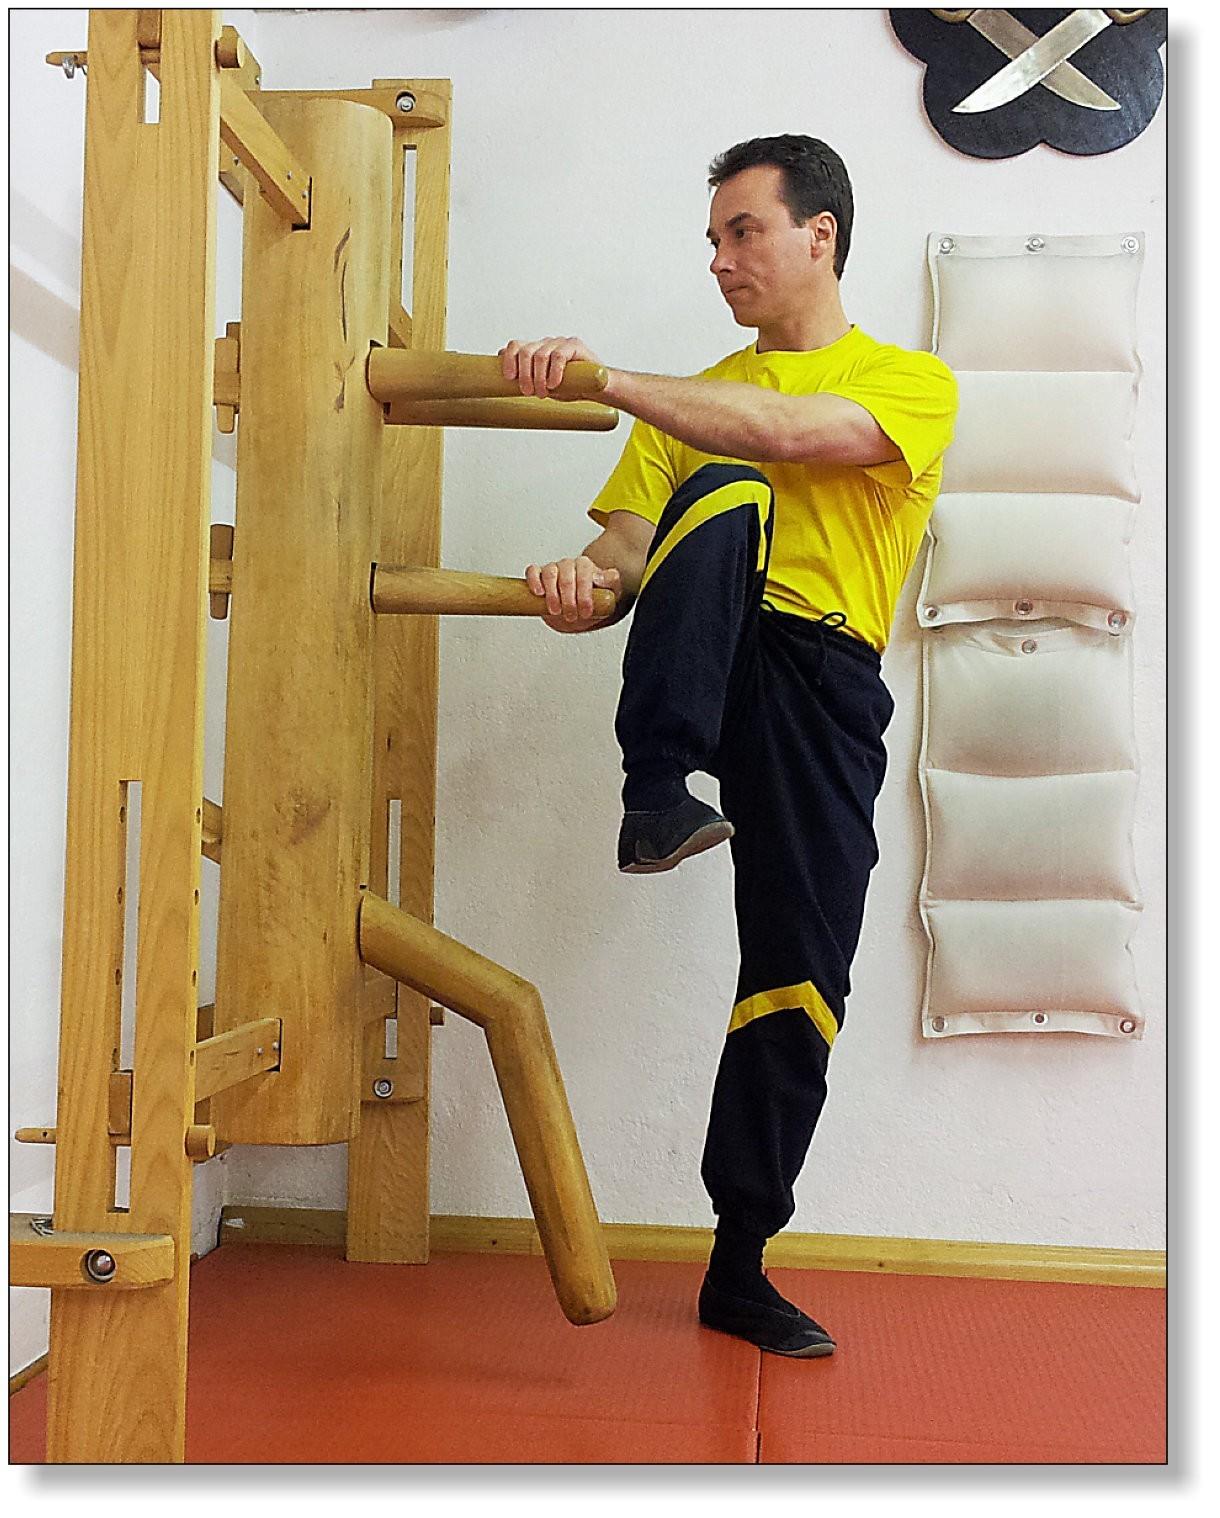 Das Training an der Wing Tsun Holzpuppe ermöglicht das Üben auch gefährlicher Techniken